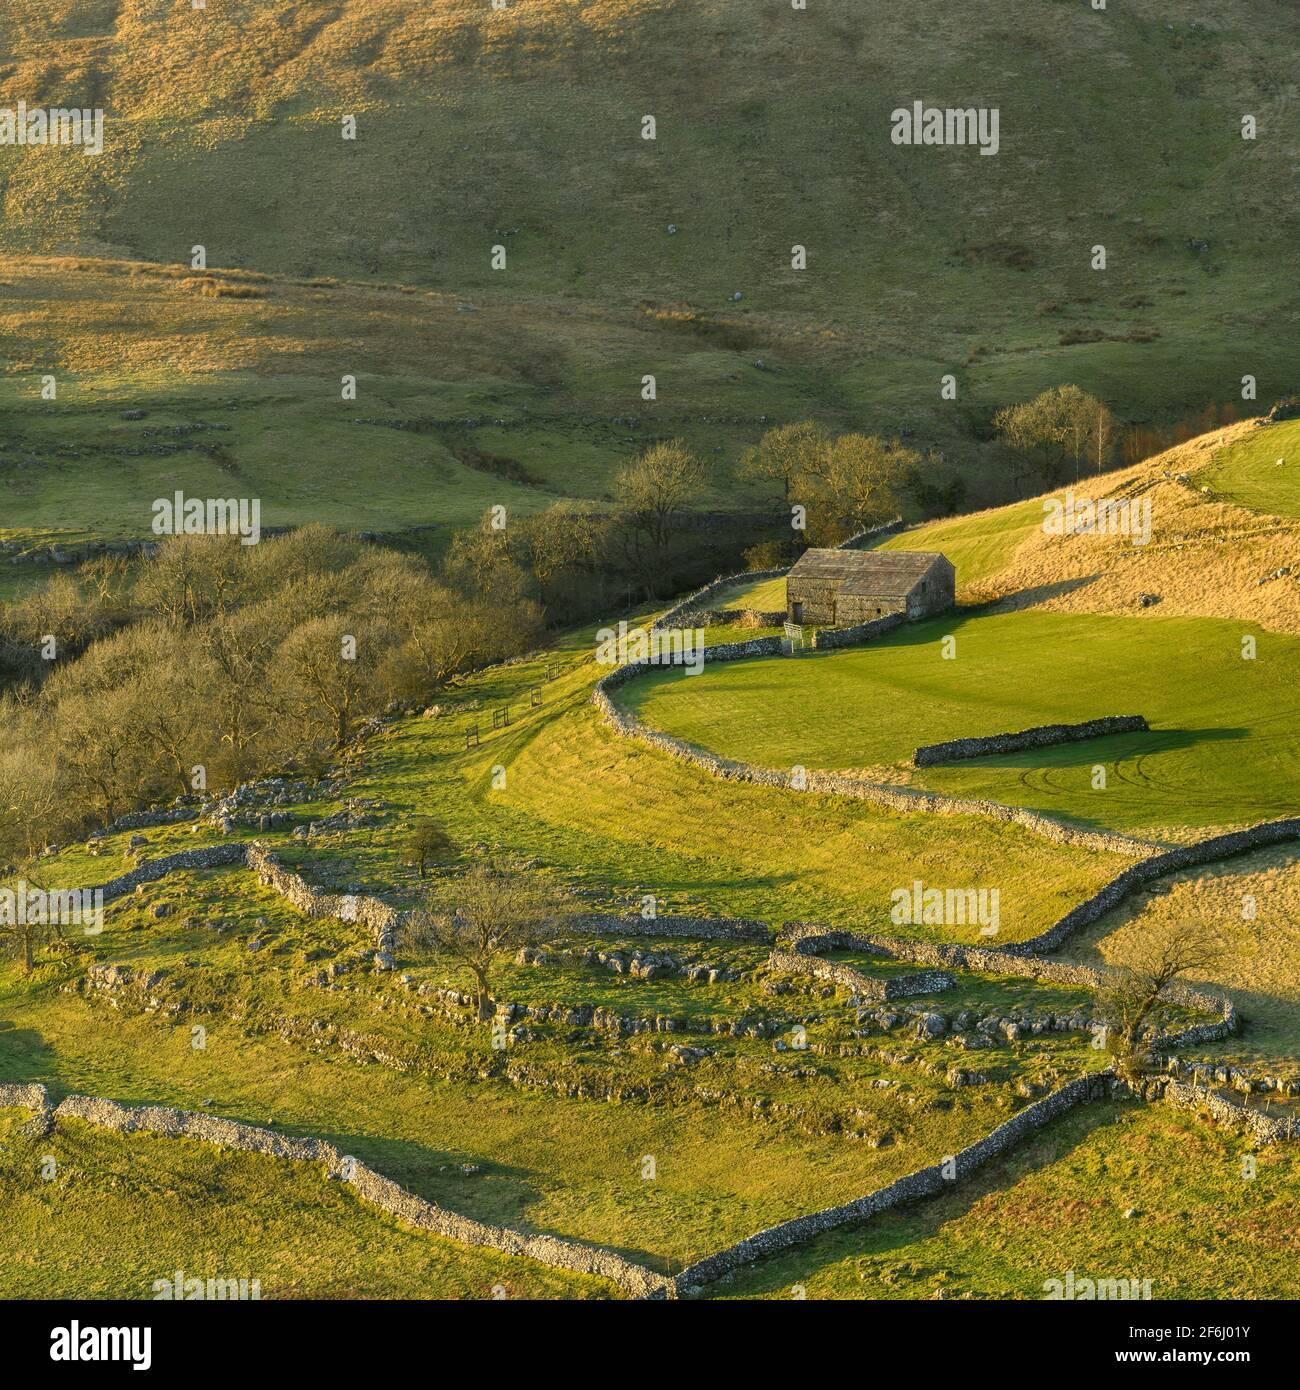 Paisaje escénico soleado Wharfedale (colinas altas, granero de piedra, laderas empinadas de la ladera, paredes de piedra caliza, pastos de pastoreo) - Yorkshire Dales, Inglaterra Reino Unido. Foto de stock